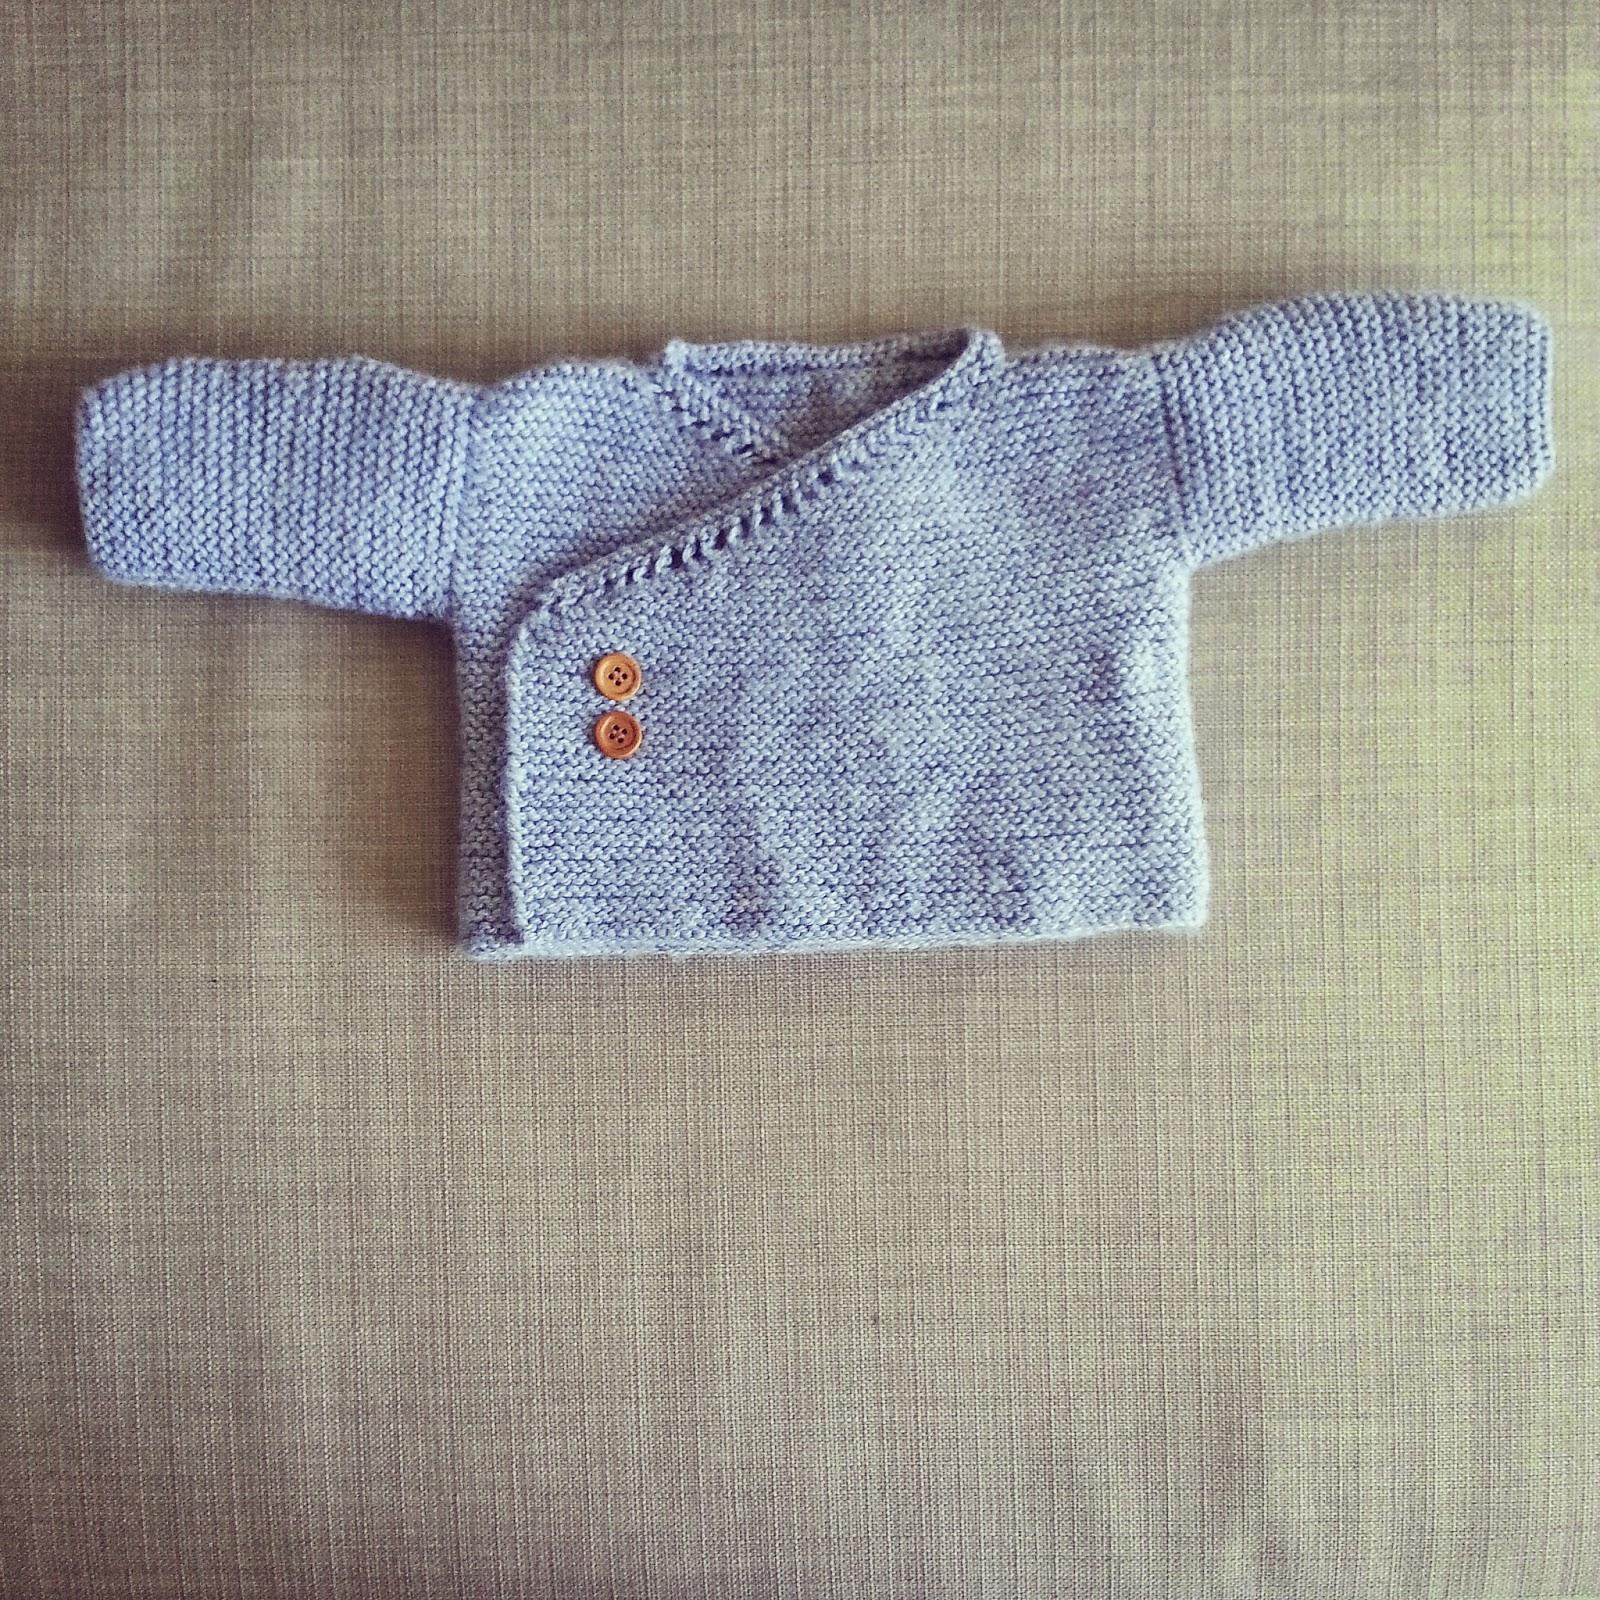 Lanitasypapel calceta una chaquetita de bebe sin morir en el intento - Tejer chaqueta bebe 6 meses ...